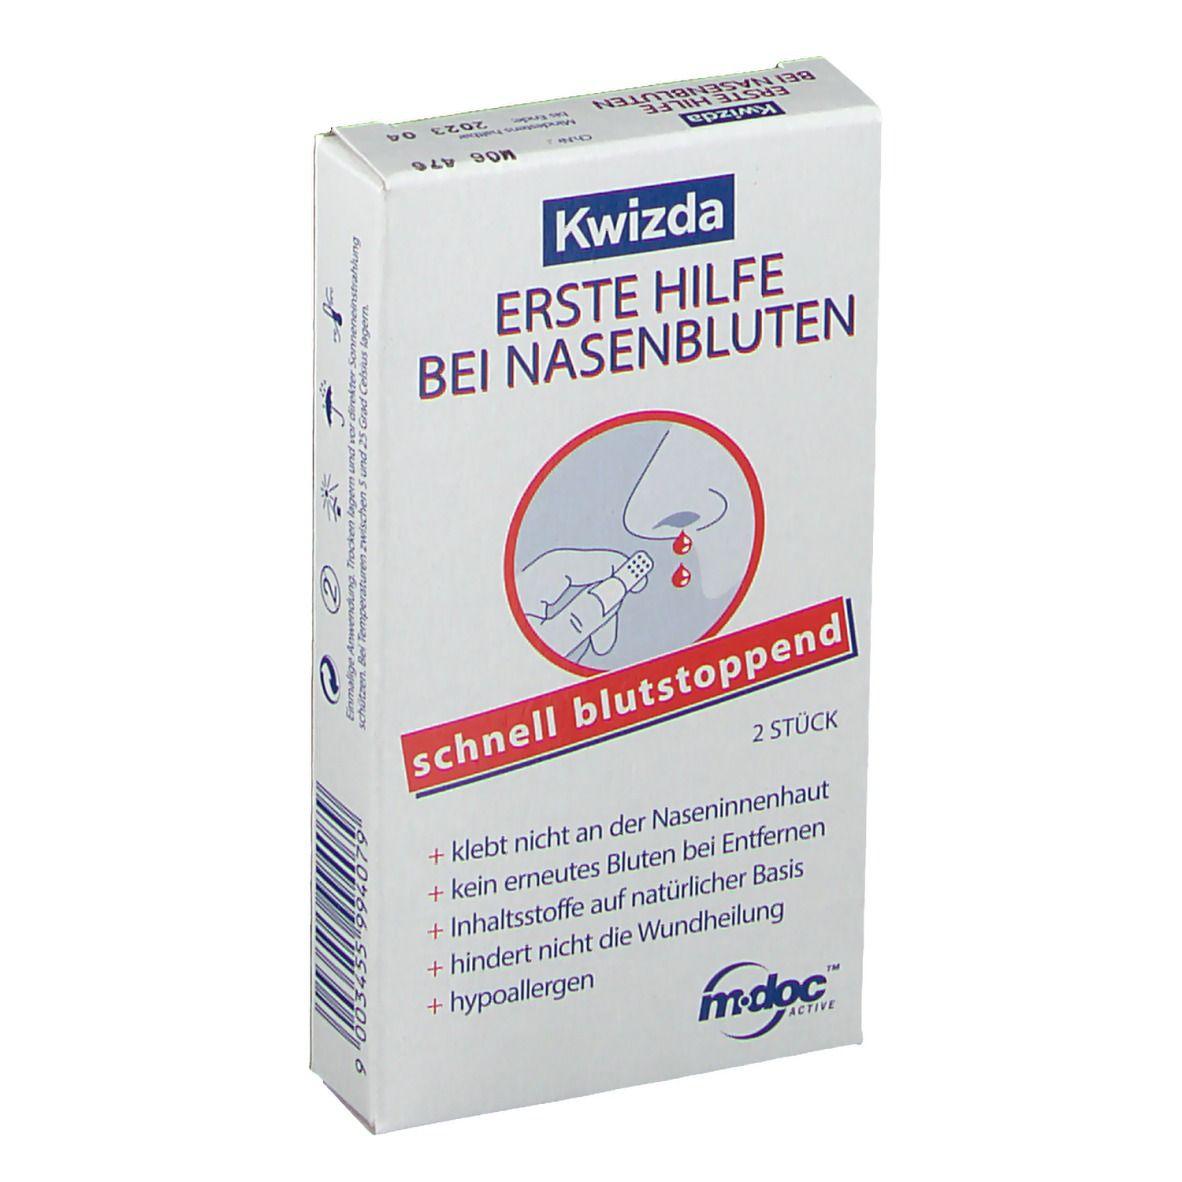 Image of Kwizda Nasenstöpsel Erste Hilfe bei Nasenbluten